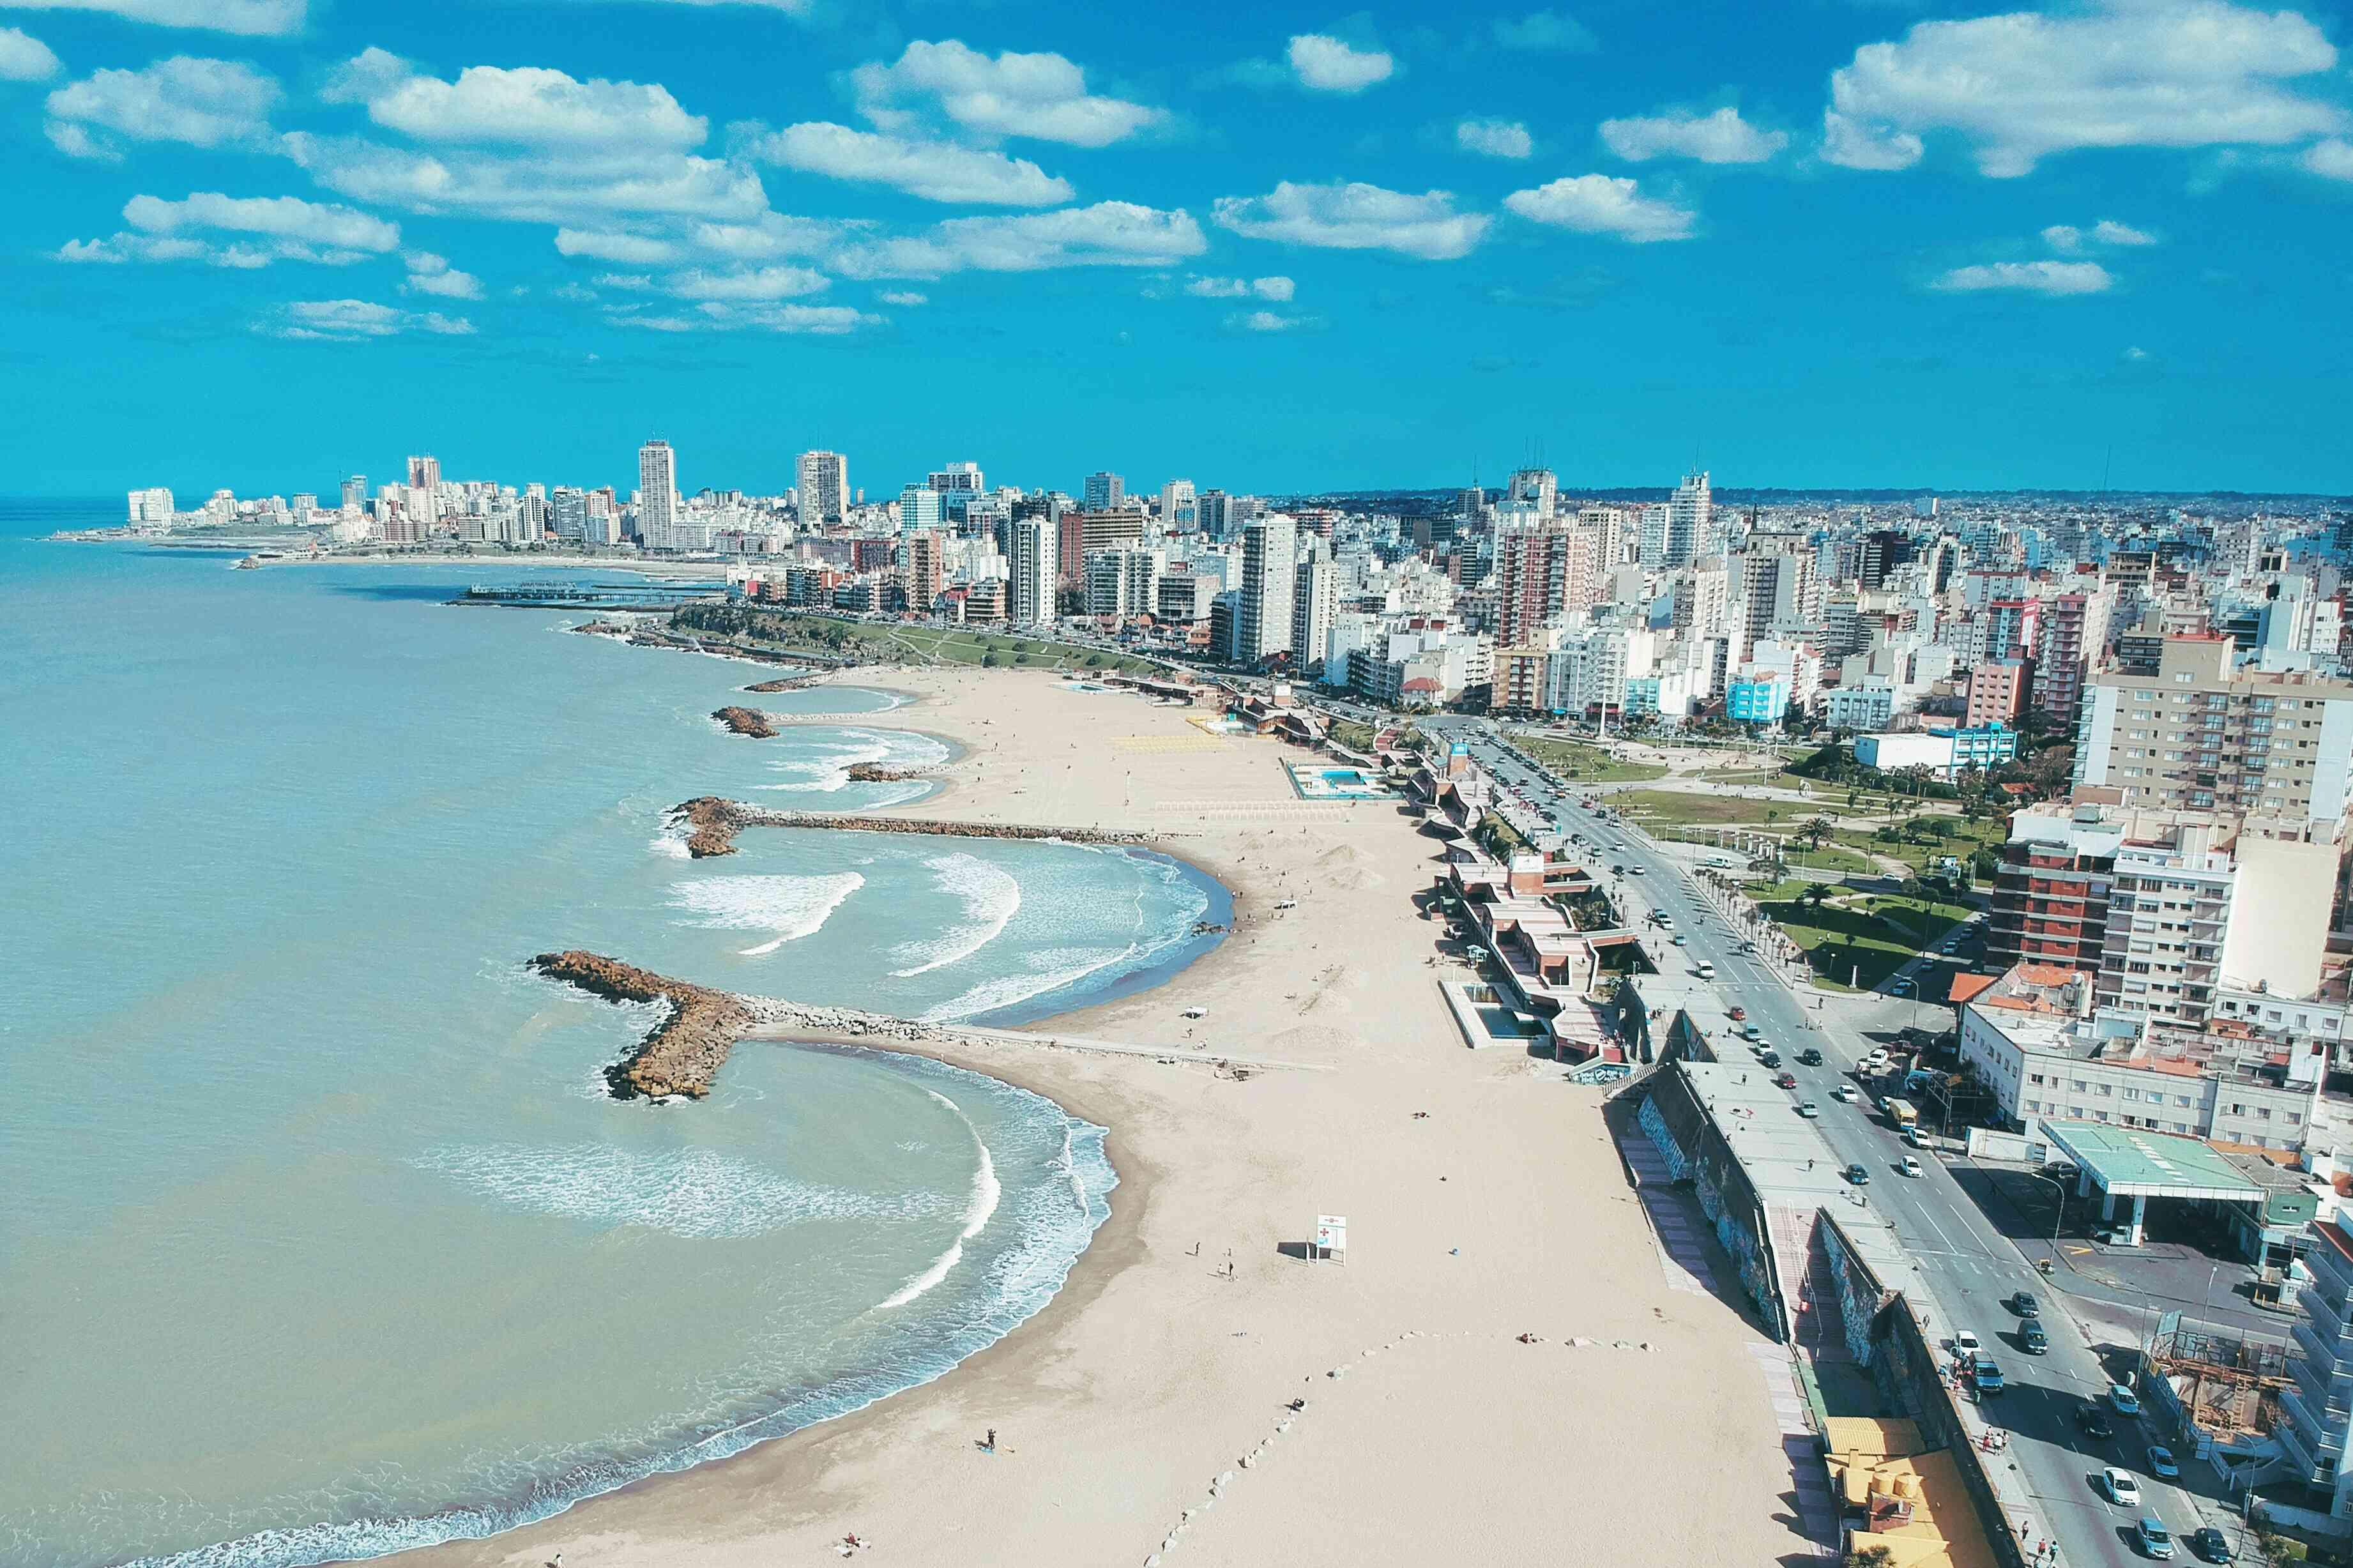 Vista aérea de la ciudad junto al mar